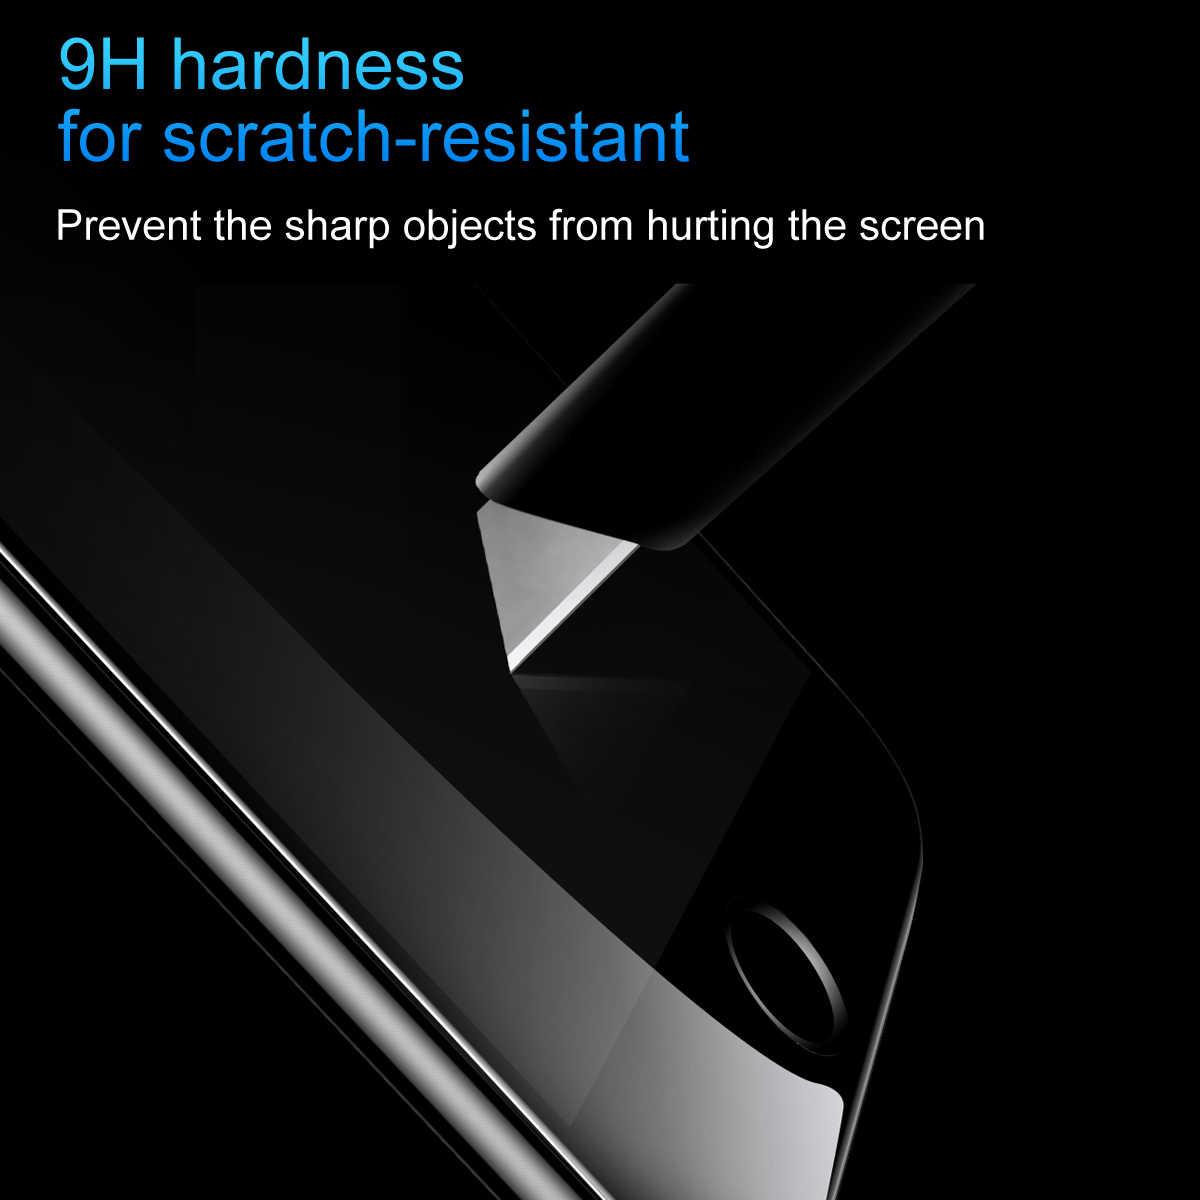 Baseus 0.2 مللي متر خفف زجاج عليه طبقة غشاء رقيقة آيفون 8 7 8plus 7plus سوبر رقيقة ثلاثية الأبعاد غطاء كامل حماية مكافحة الأزرق ضوء واقي للشاشة